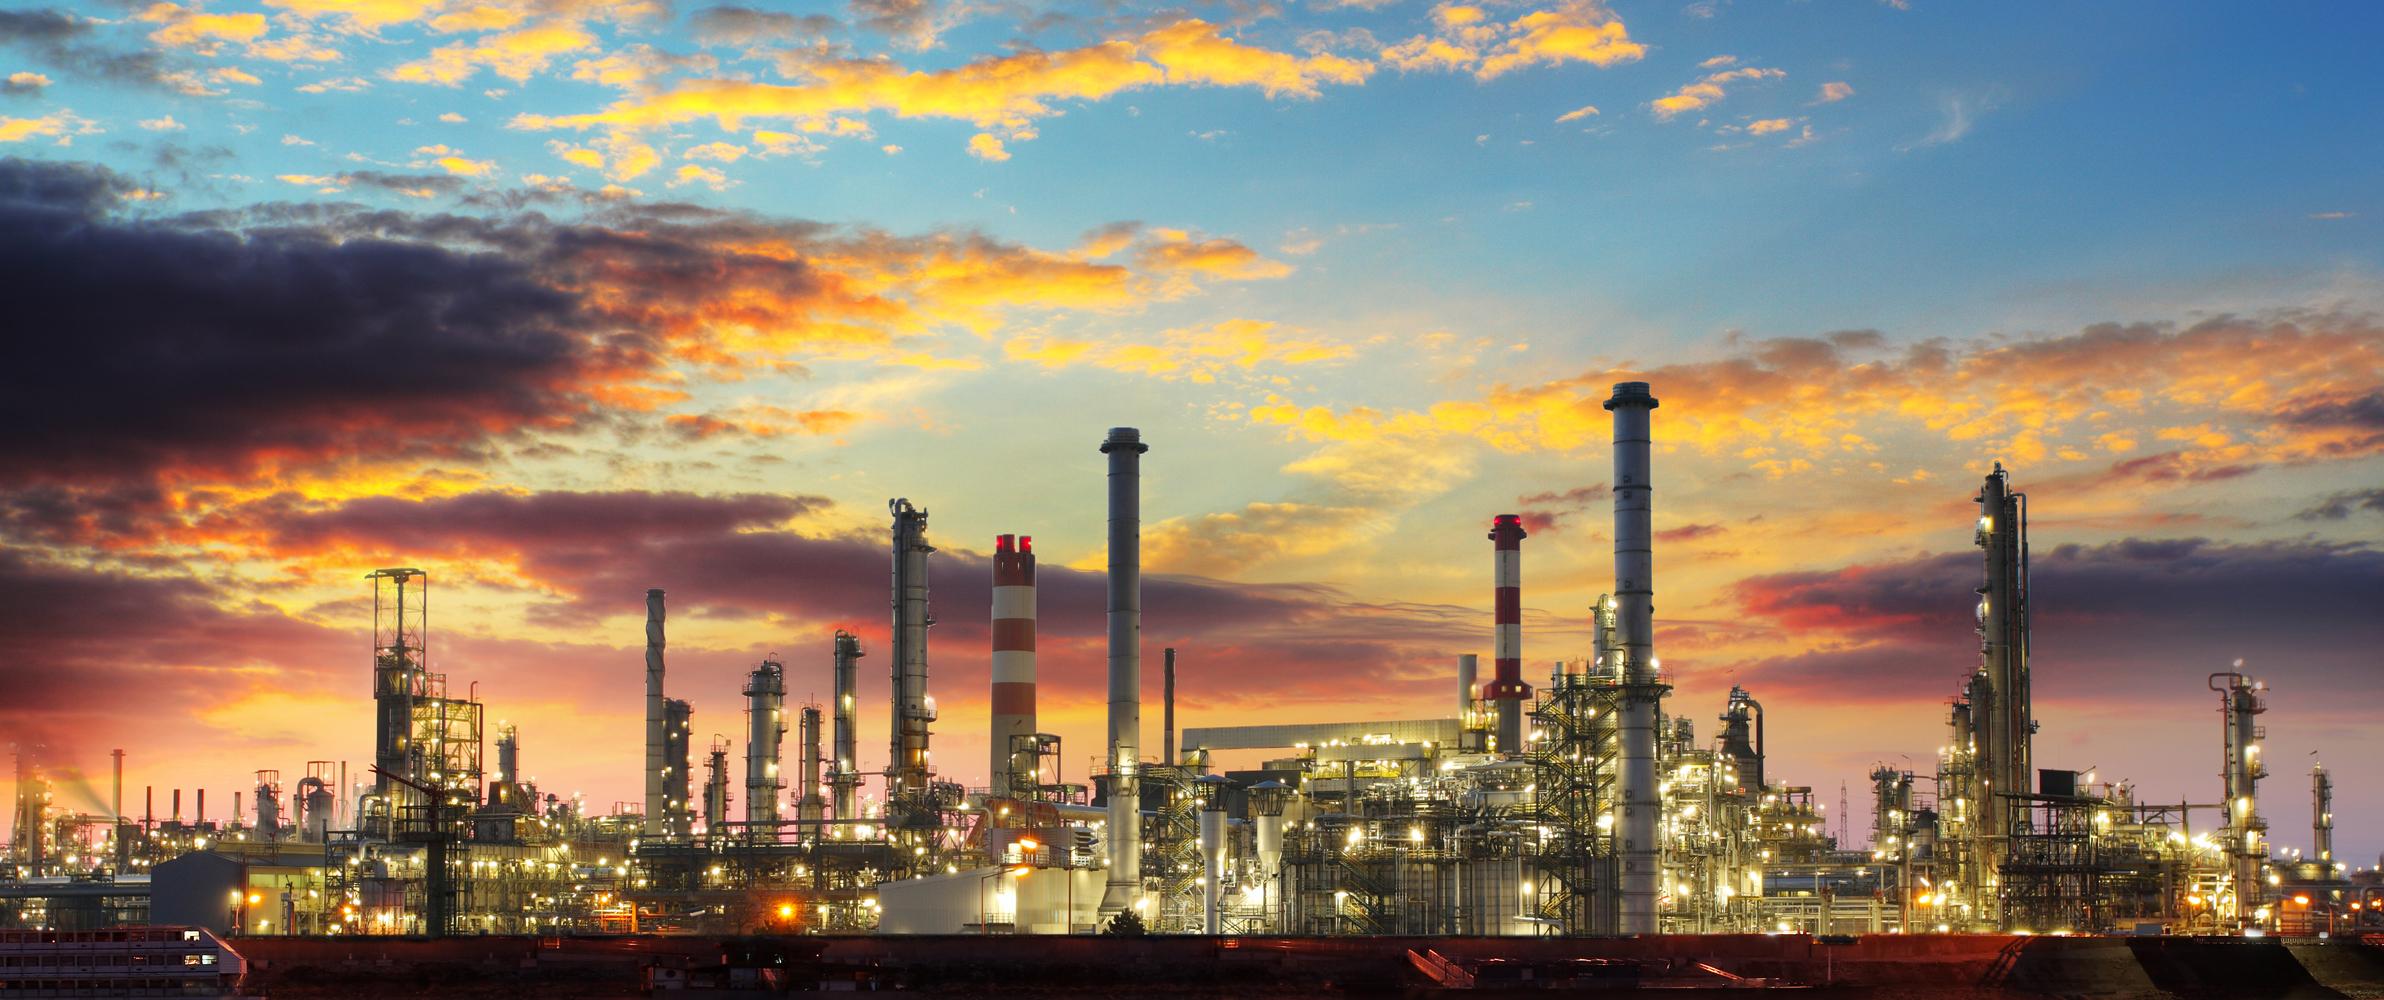 TerSol Refinery